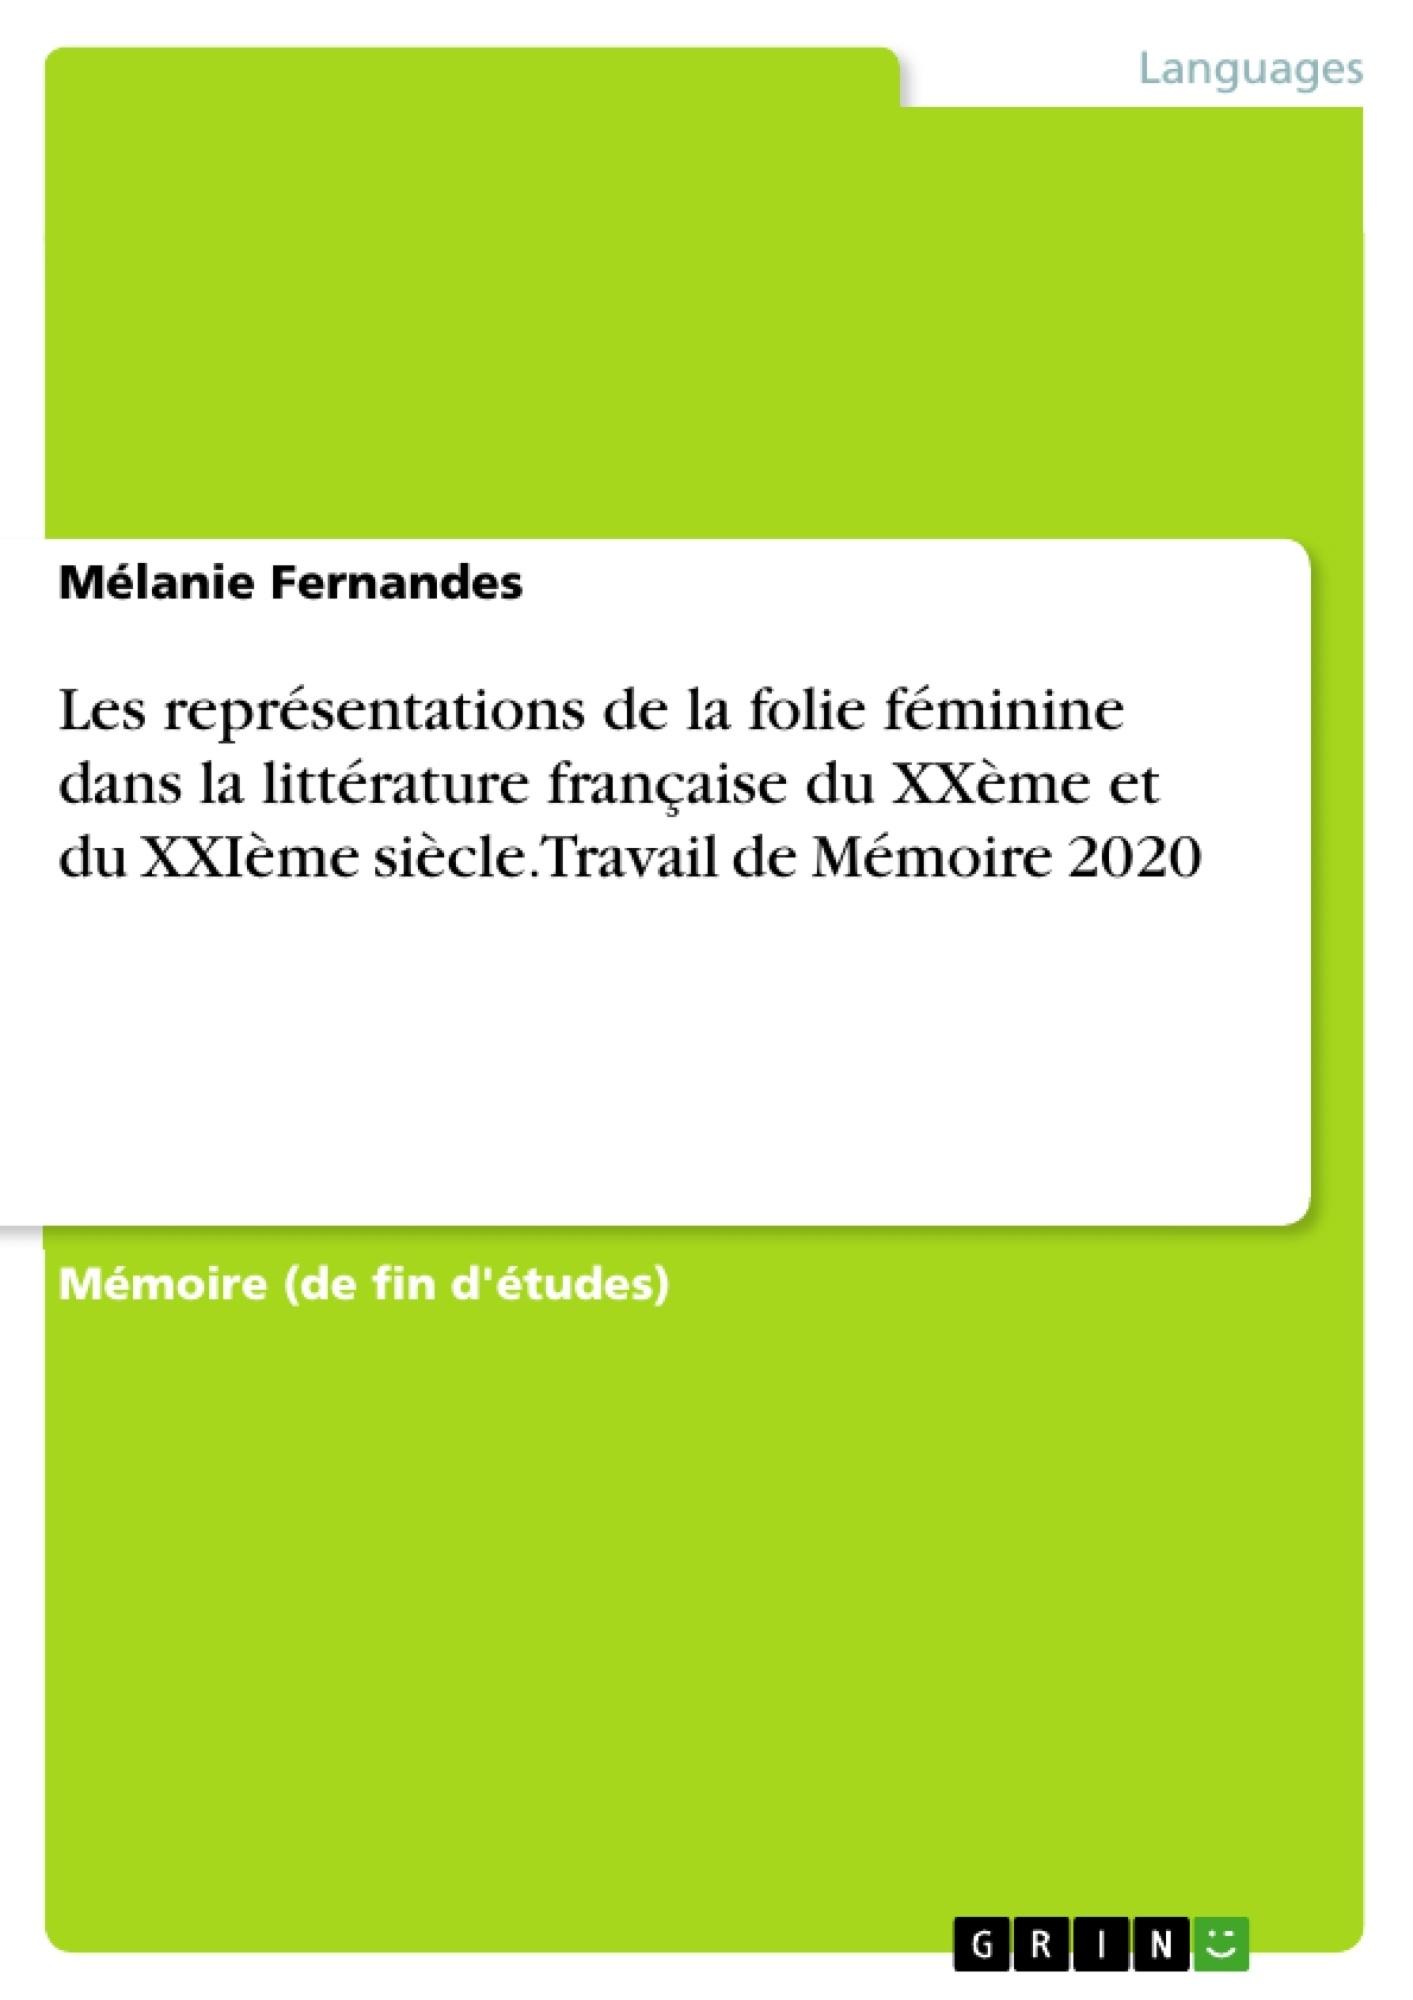 Titre: Les représentations de la folie féminine dans la littérature française du XXème et du XXIème siècle. Travail de Mémoire 2020